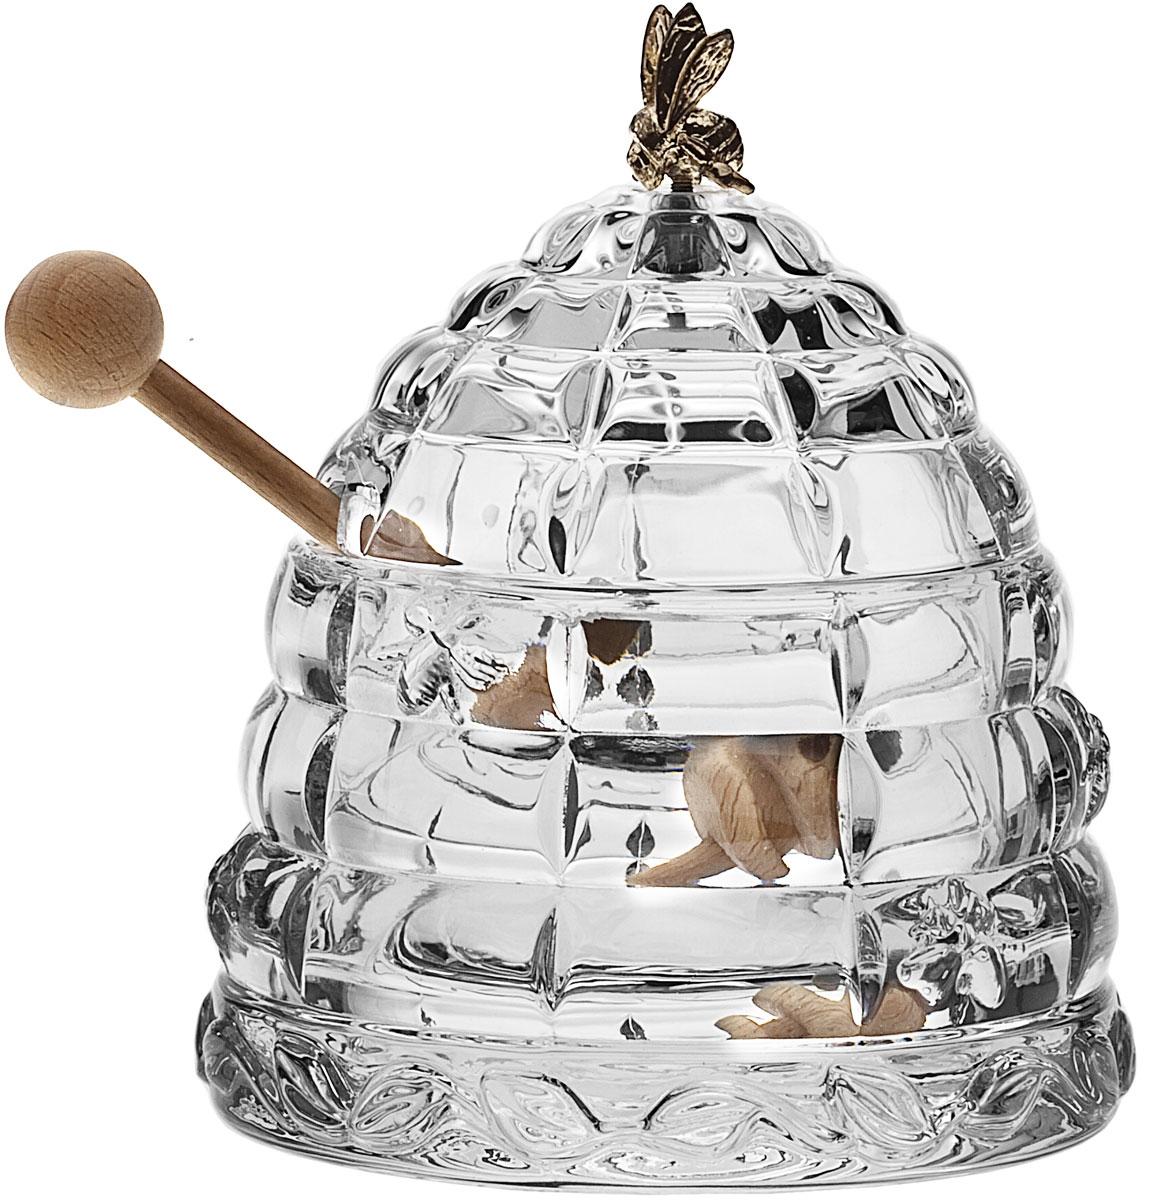 Доза для меда Crystal Bohemia Улей с пчелкой, с ложкой, 300 мл990/53312/8/69710/118-119Доза для меда Crystal Bohemia Улей с пчелкой изготовлена из высококачественного хрусталя. Доза выполнена в форме улья и оснащена крышкой с металлической фигуркой пчелы. В комплекте - деревянная ложка для меда. Изделие прекрасно впишется в интерьер вашего дома и станет достойным дополнением к кухонному инвентарю. Доза подчеркнет прекрасный вкус хозяйки и станет отличным подарком. Размер дозы (без учета крышки): 11 см х 11 см х 7,5 см. Длина ложечки: 15 см. Объем дозы: 300 мл.